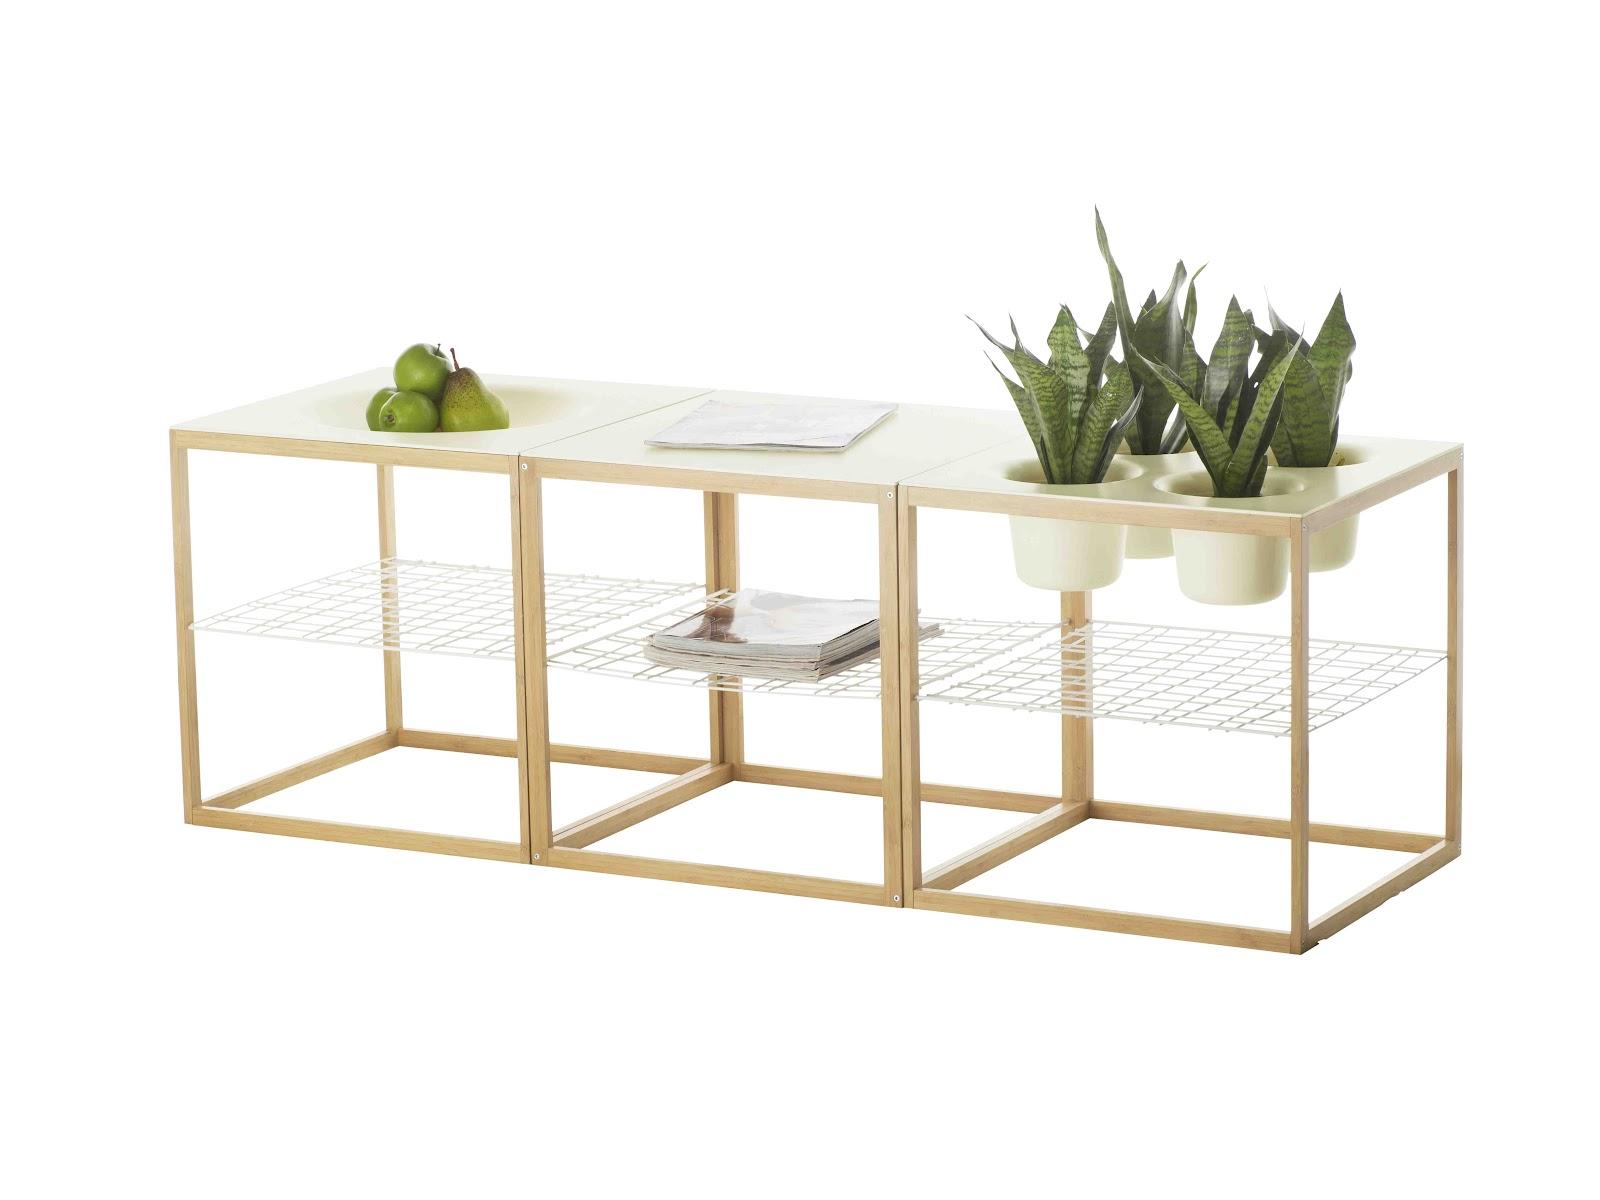 plantentafel het groenlab. Black Bedroom Furniture Sets. Home Design Ideas